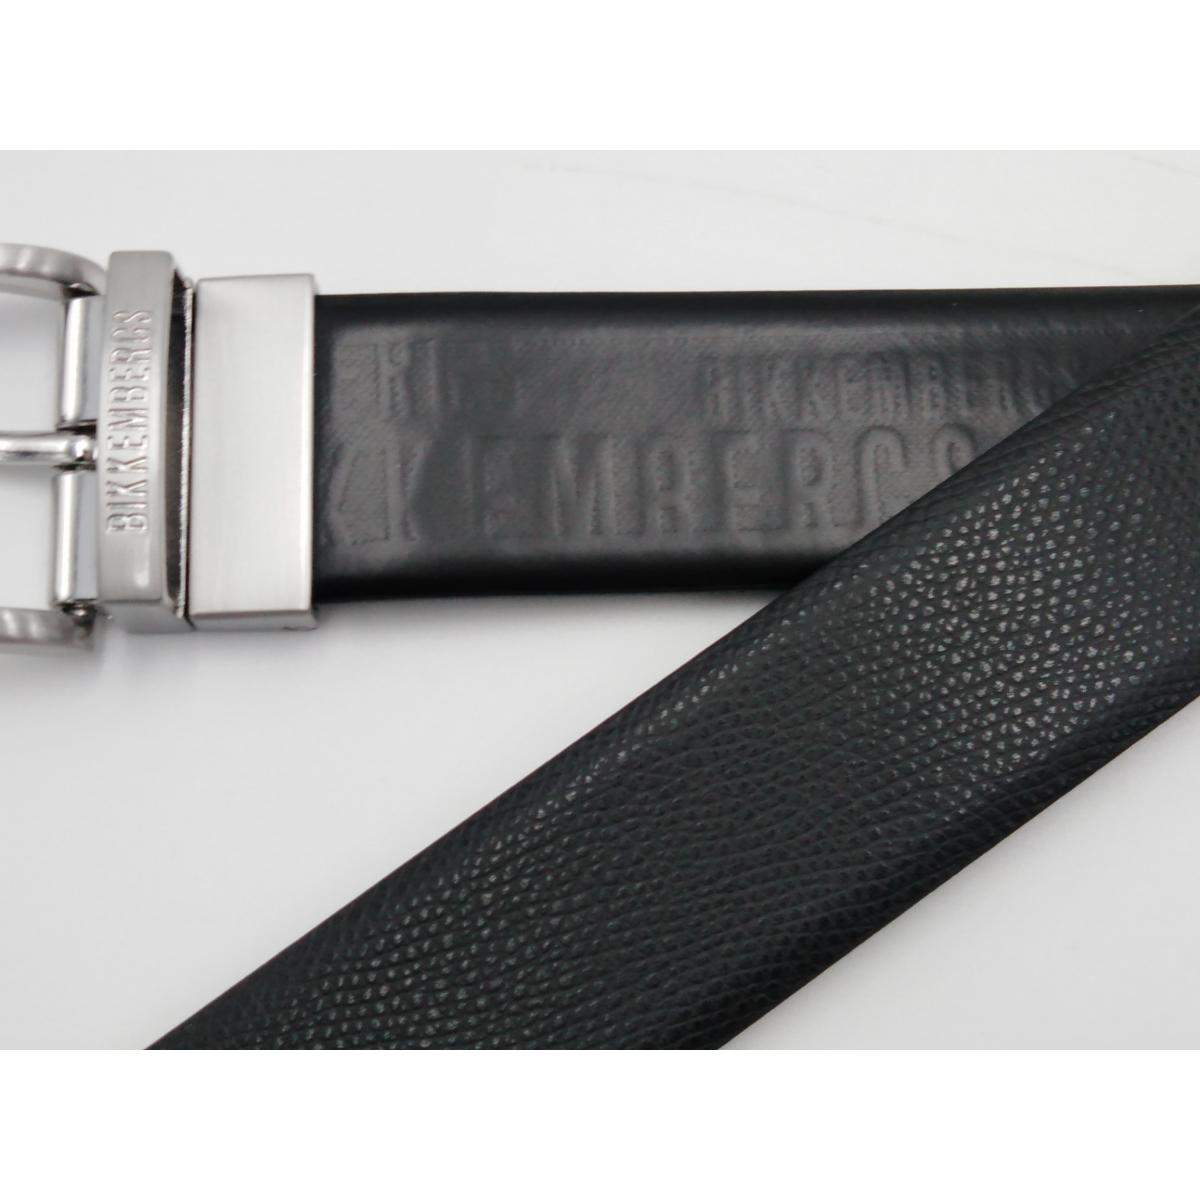 retrò negozi popolari bellissimo stile Cintura nera reversibile Lato stampa logo leggero l'altro stampa teyus